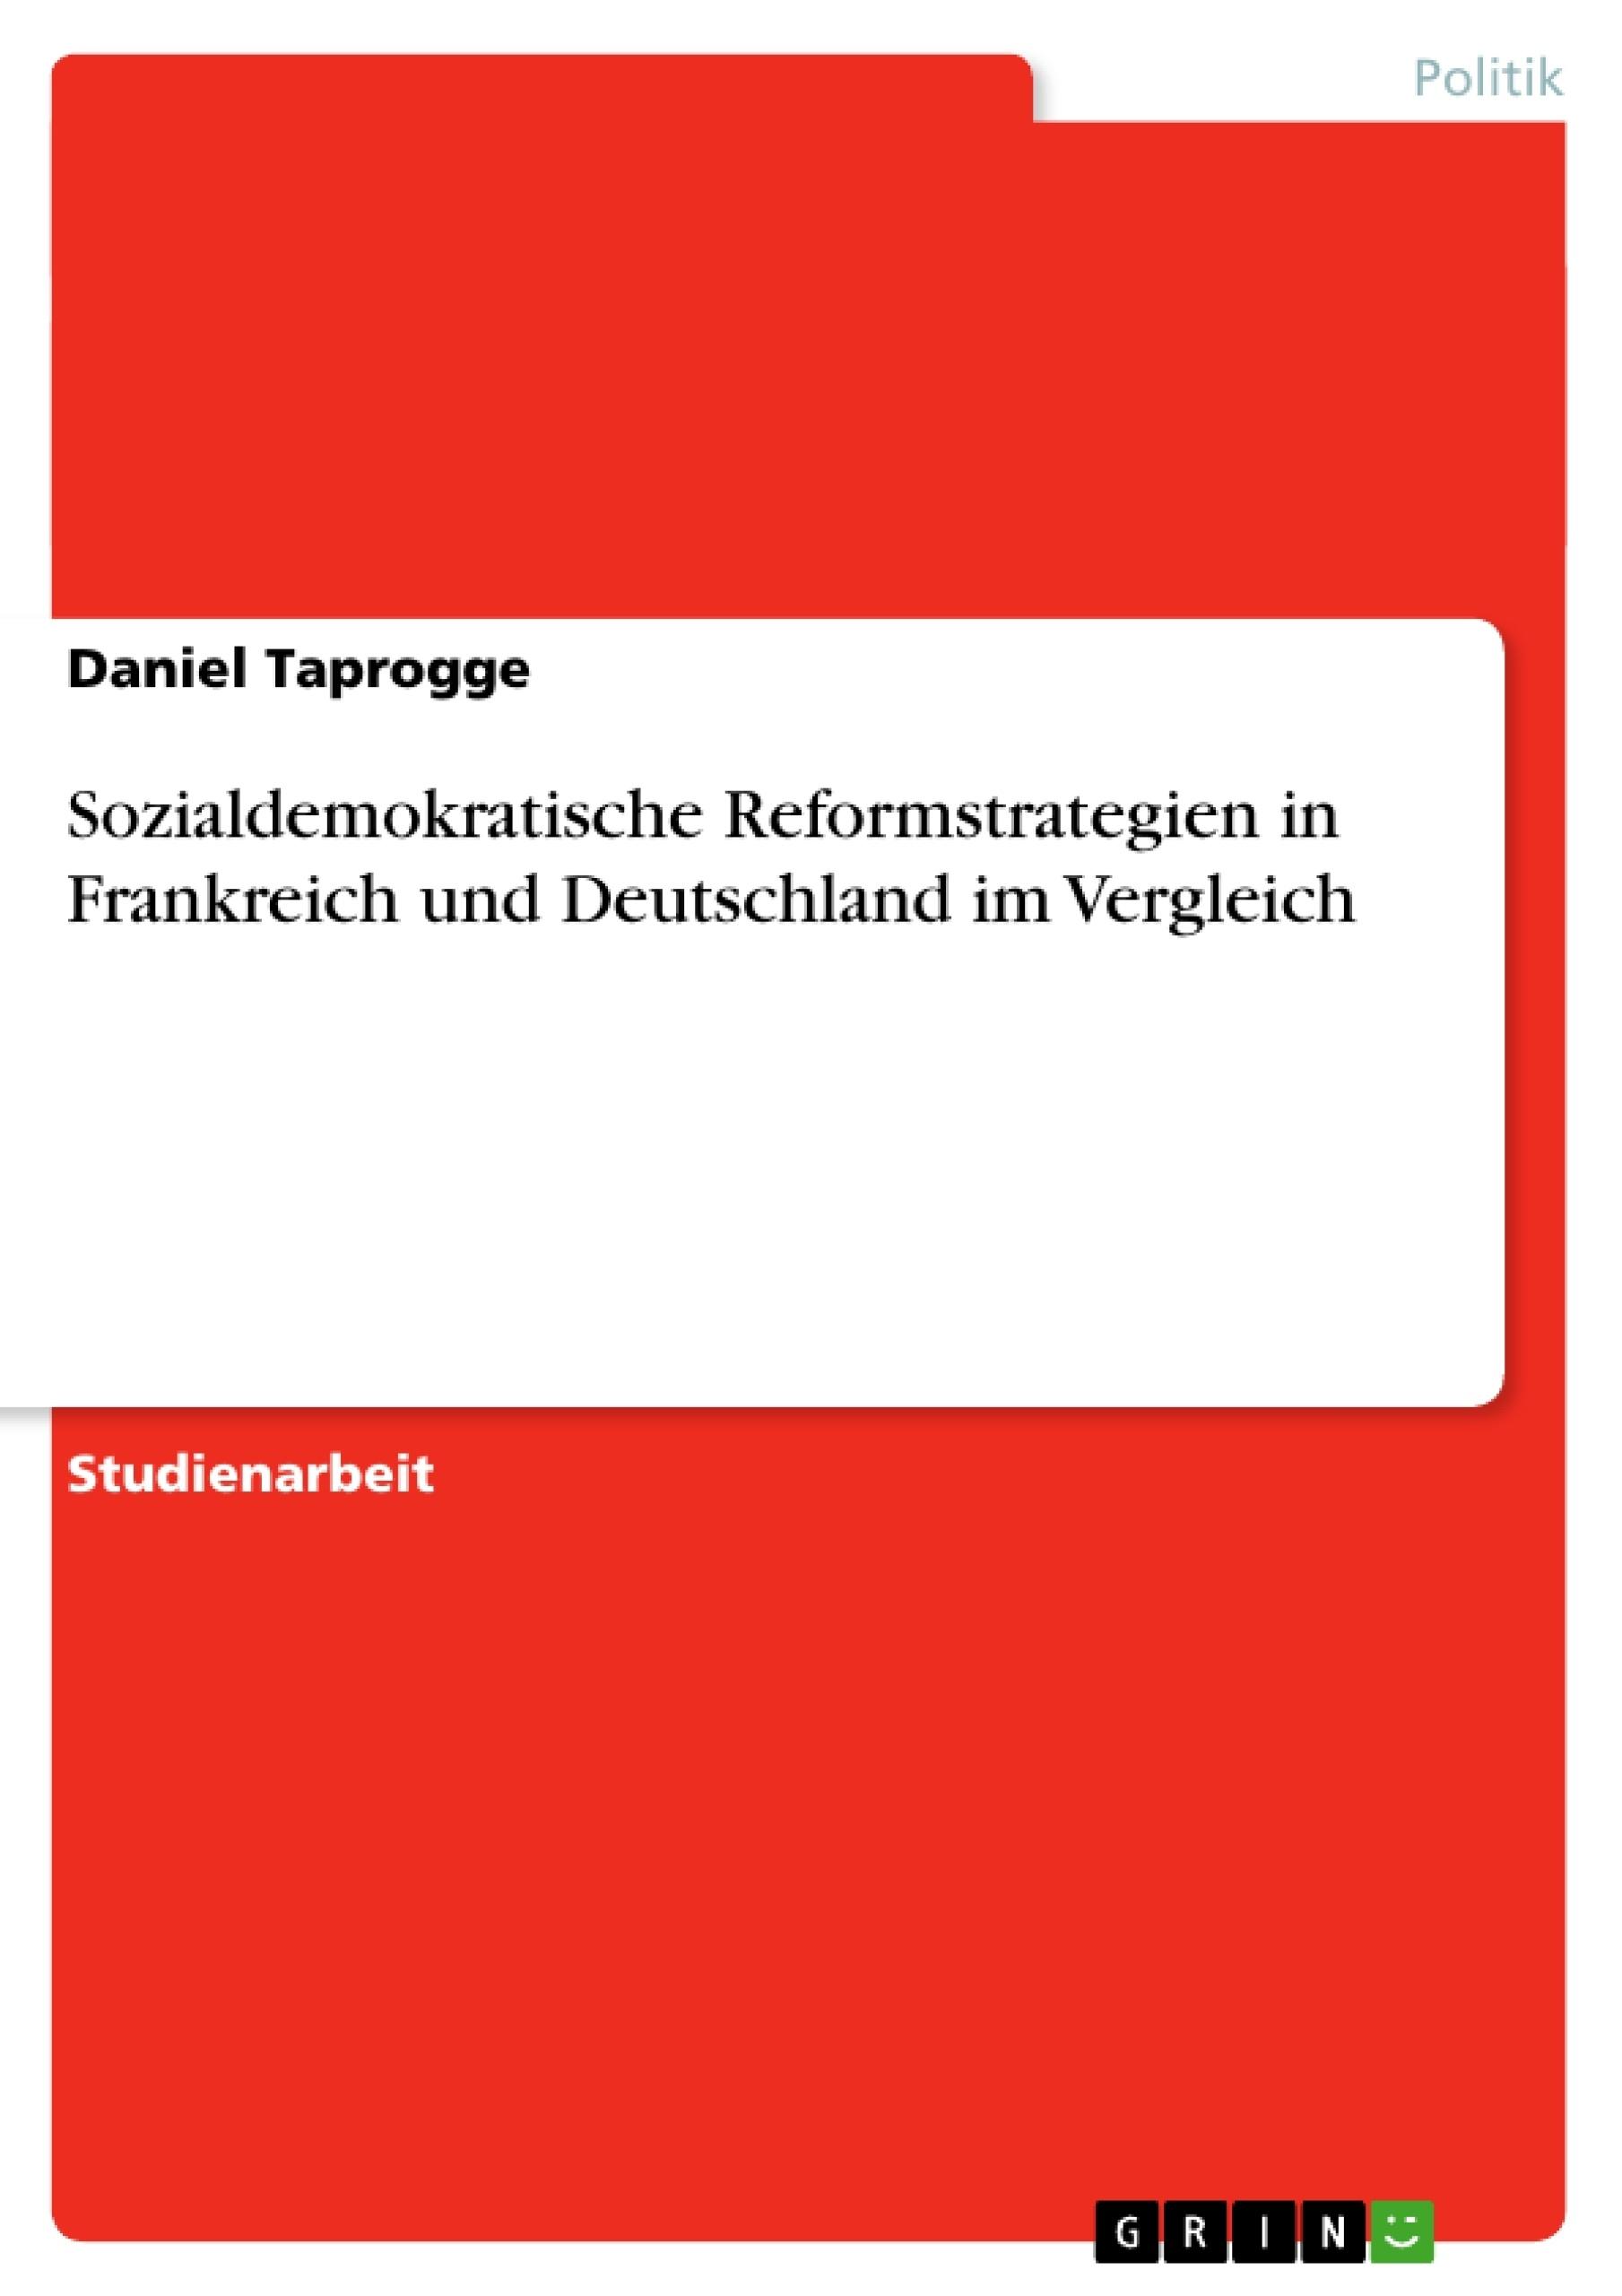 Titel: Sozialdemokratische Reformstrategien in Frankreich und Deutschland im Vergleich